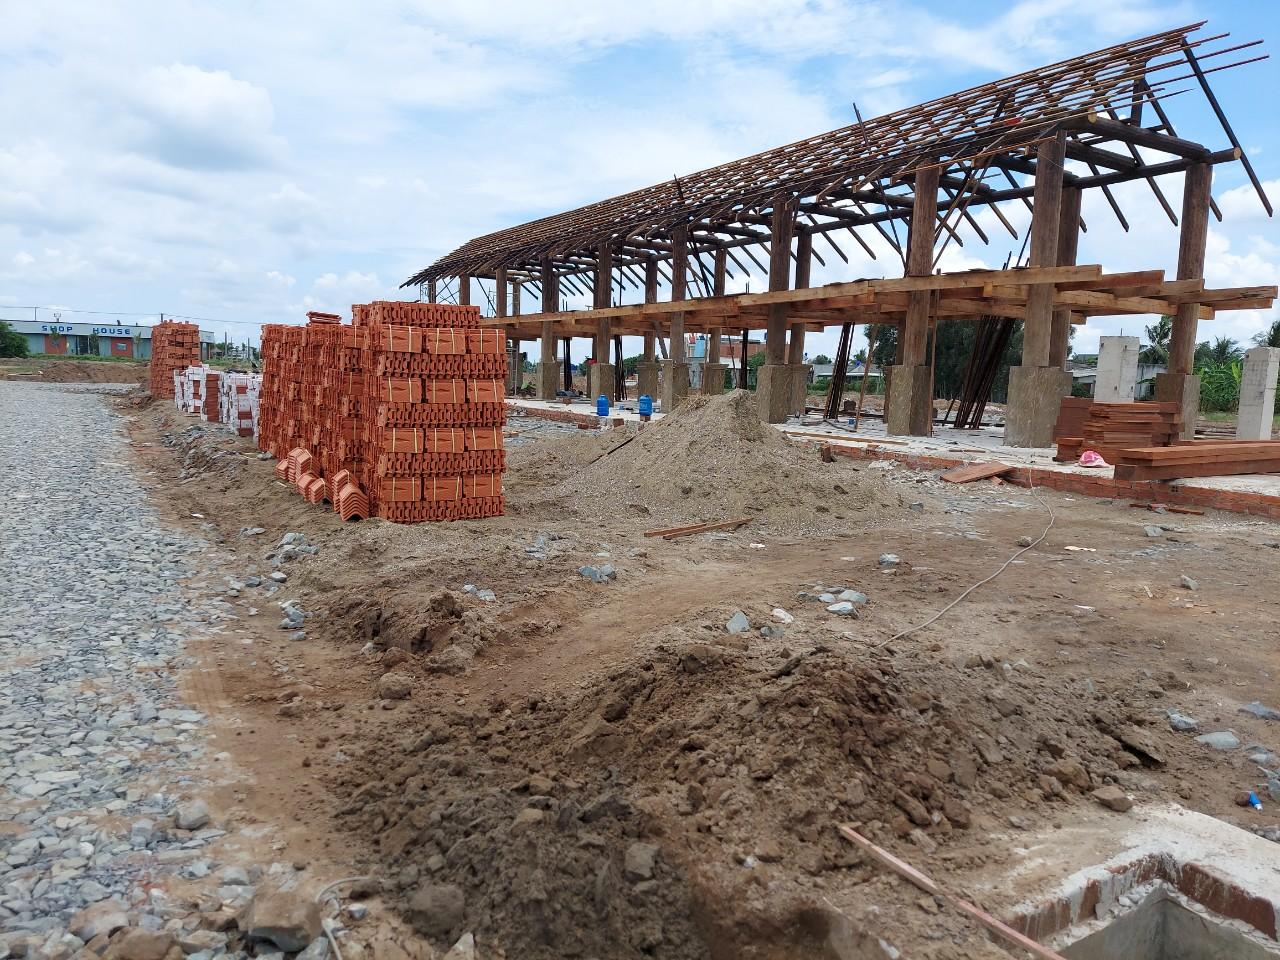 UBND xã Long Cang sẽ tiến hành giám sát việc xây dựng dự án theo quy định